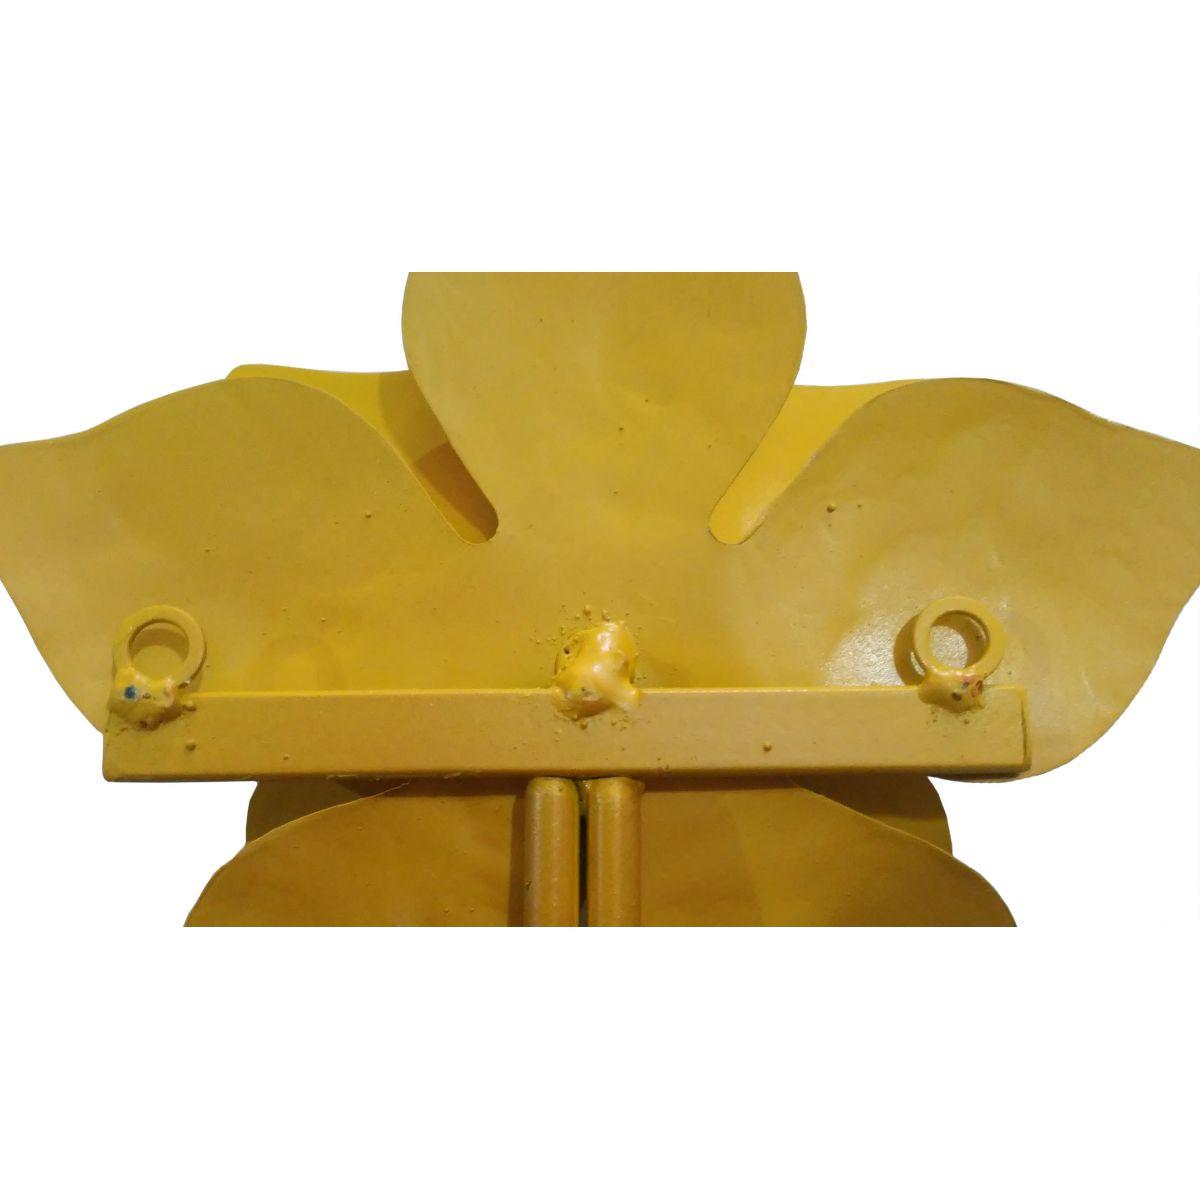 Cabide de Parede para Bolsa de Ferro Artesanal com rosas de Ferro Rustico